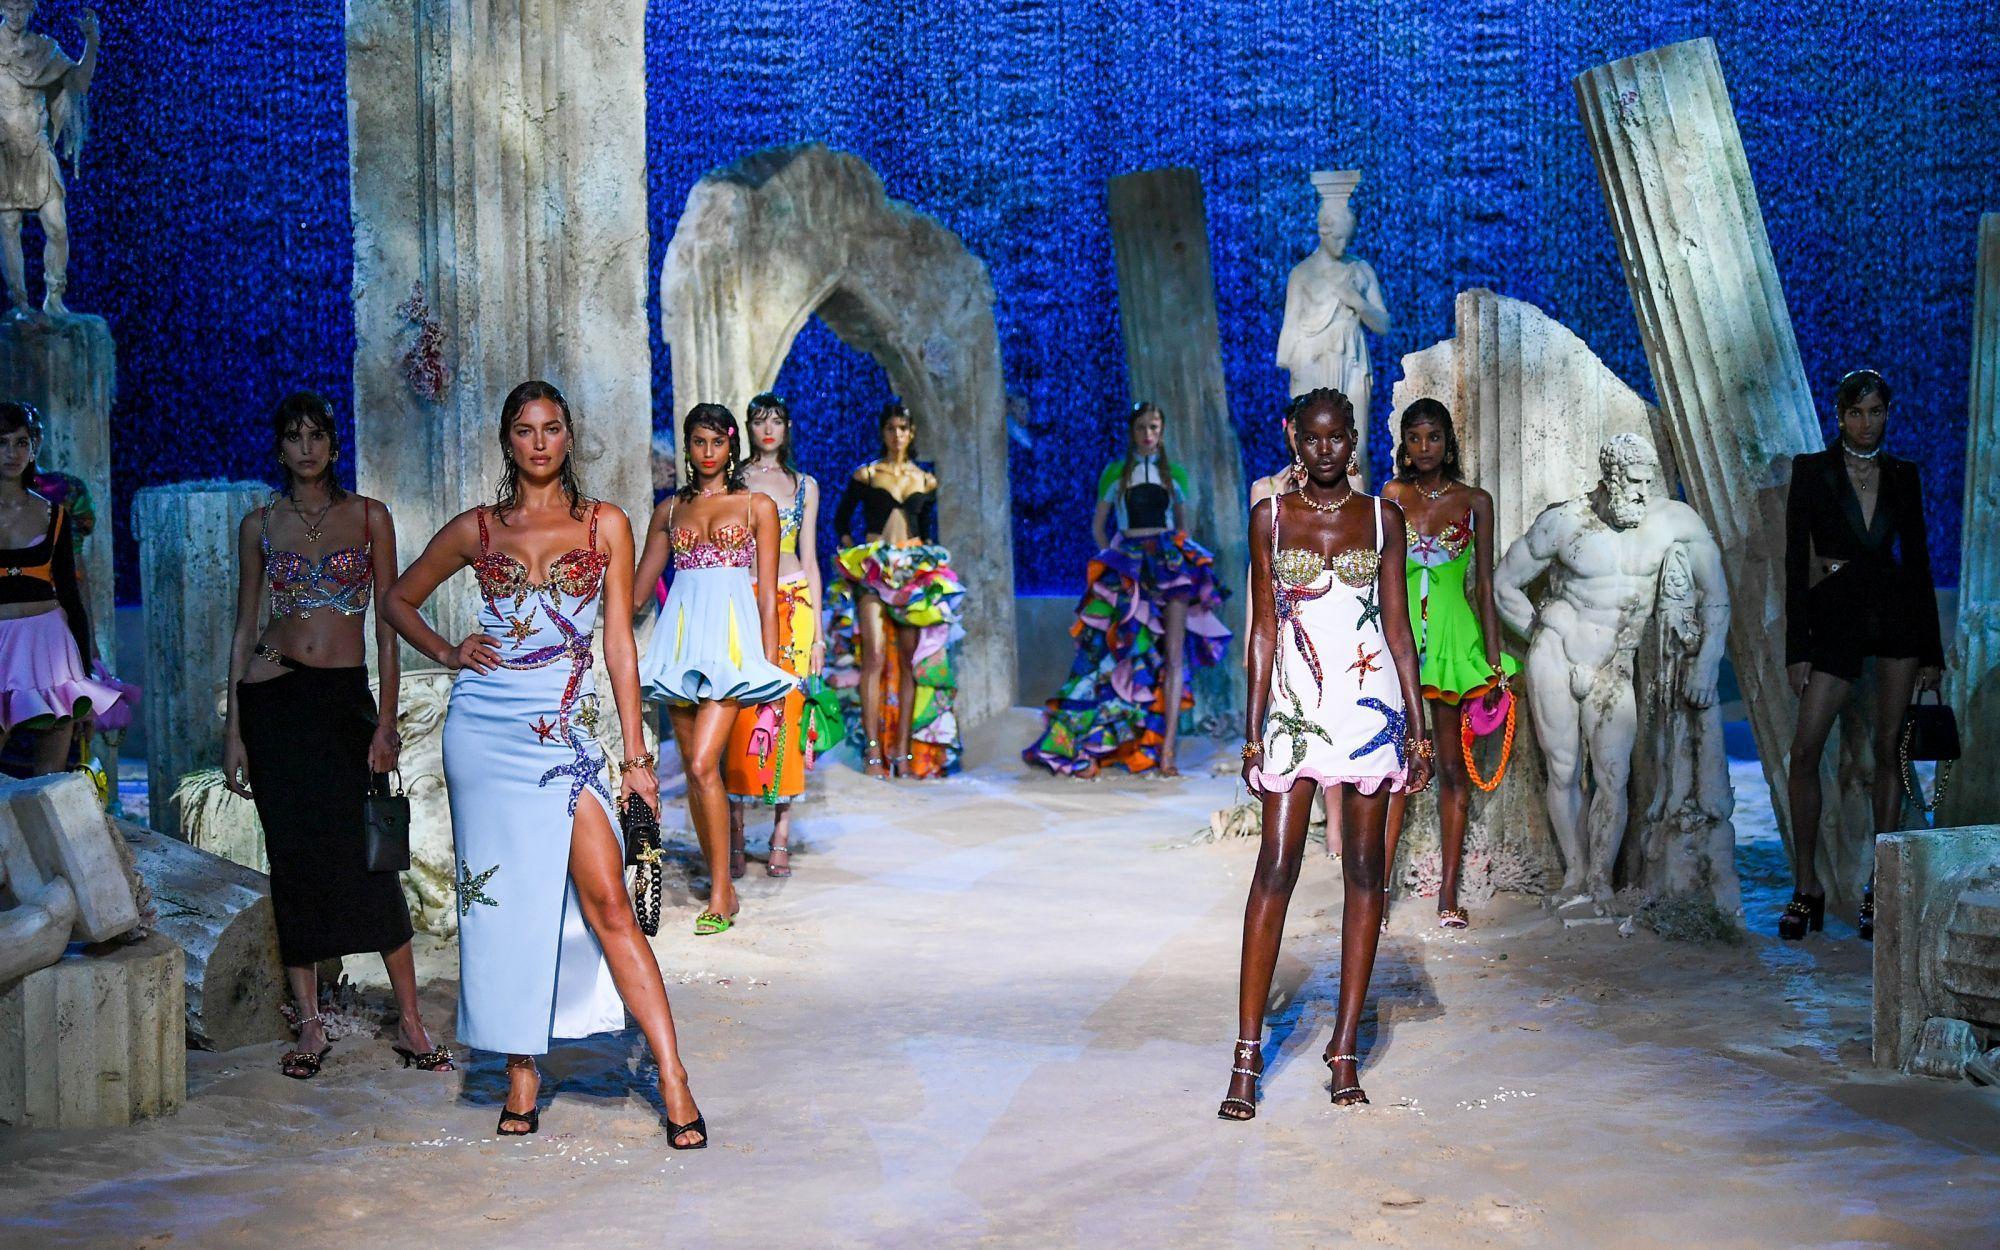 Donatella nos sumerge al mundo acuático de VERSACEPOLIS